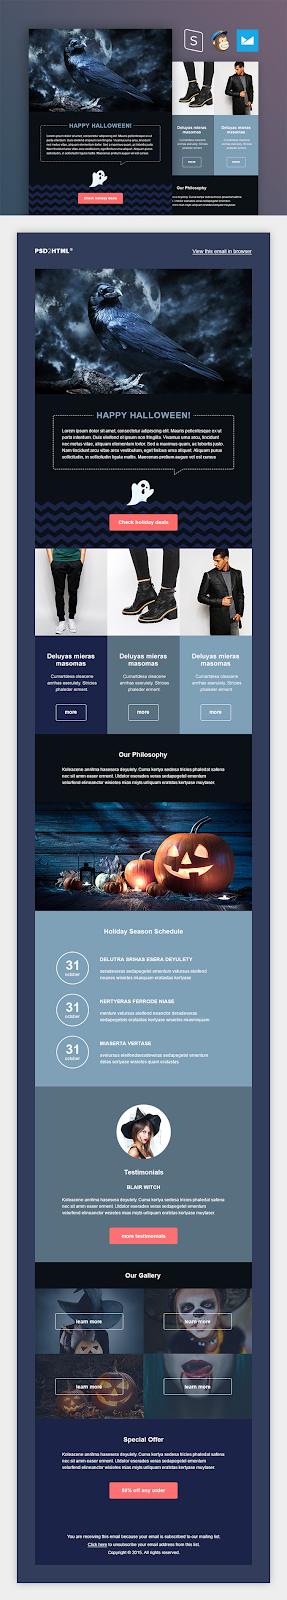 Screenshot of Halloween Themed Newsletter Template